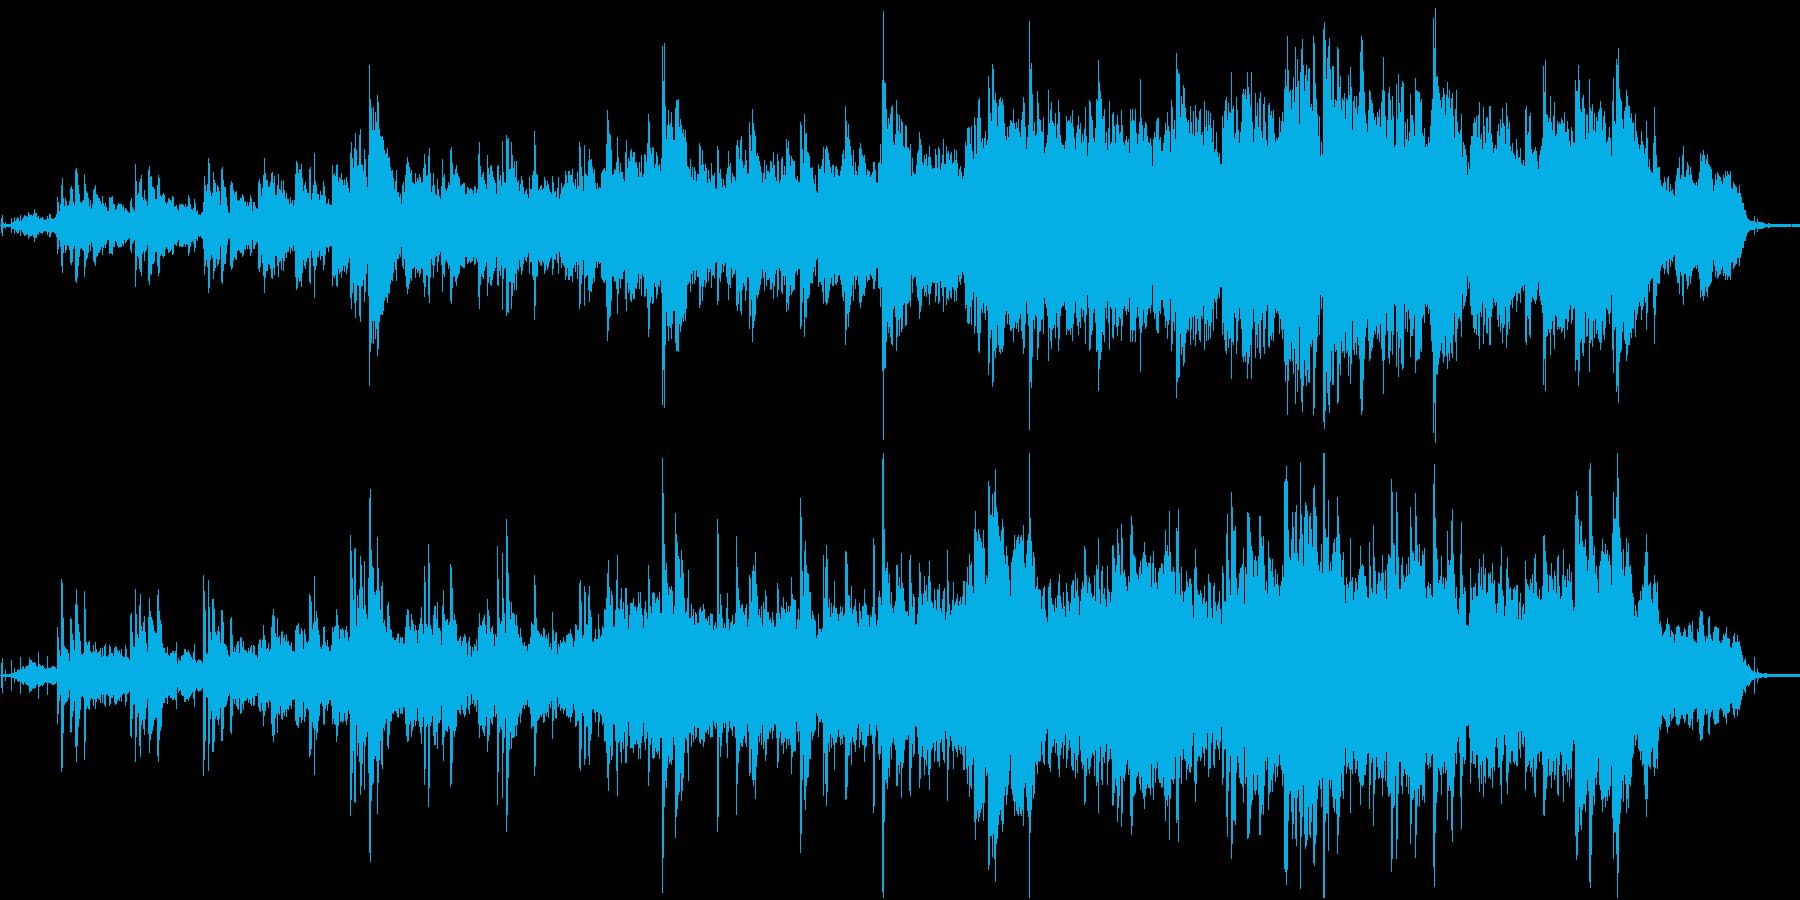 シンプルなピアノによる 幻想的な神聖な曲の再生済みの波形